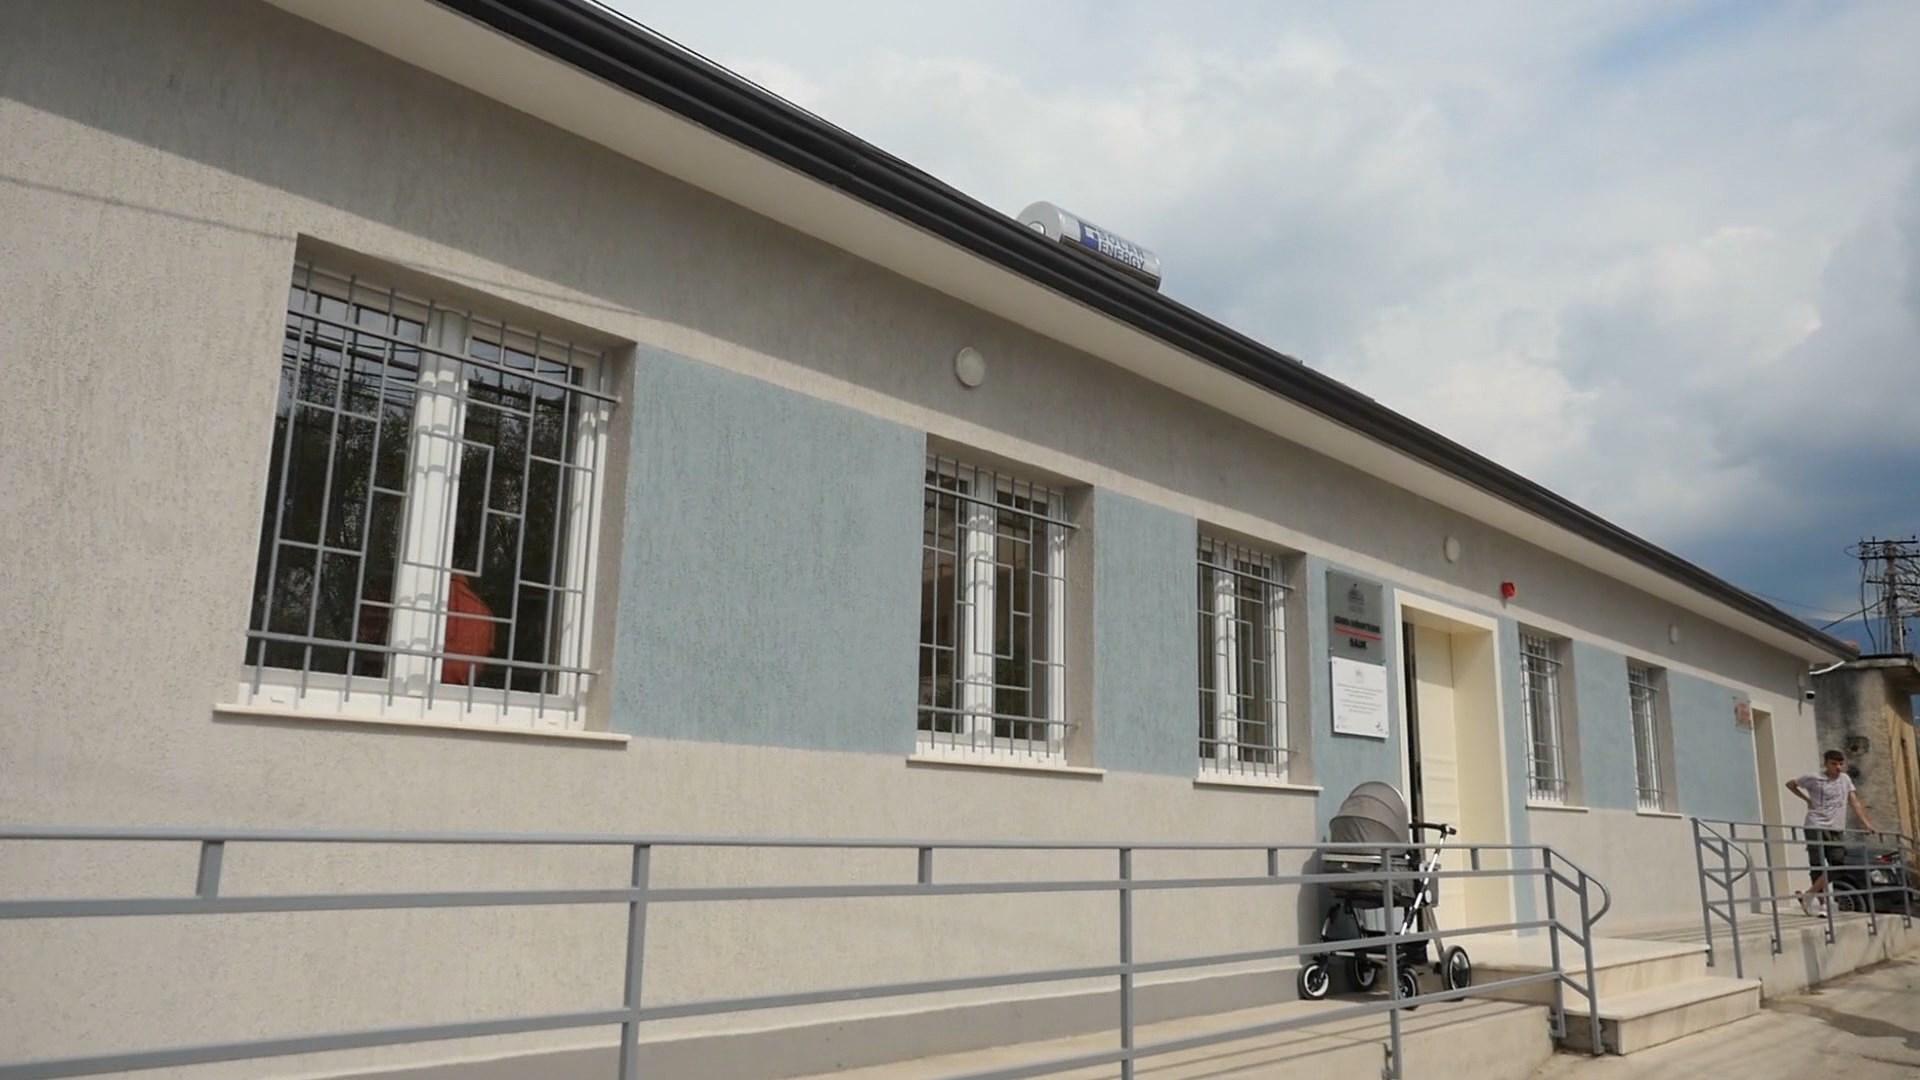 Sauku me qendër të re shëndetësore, Manastirliu: Shërbim me standarde